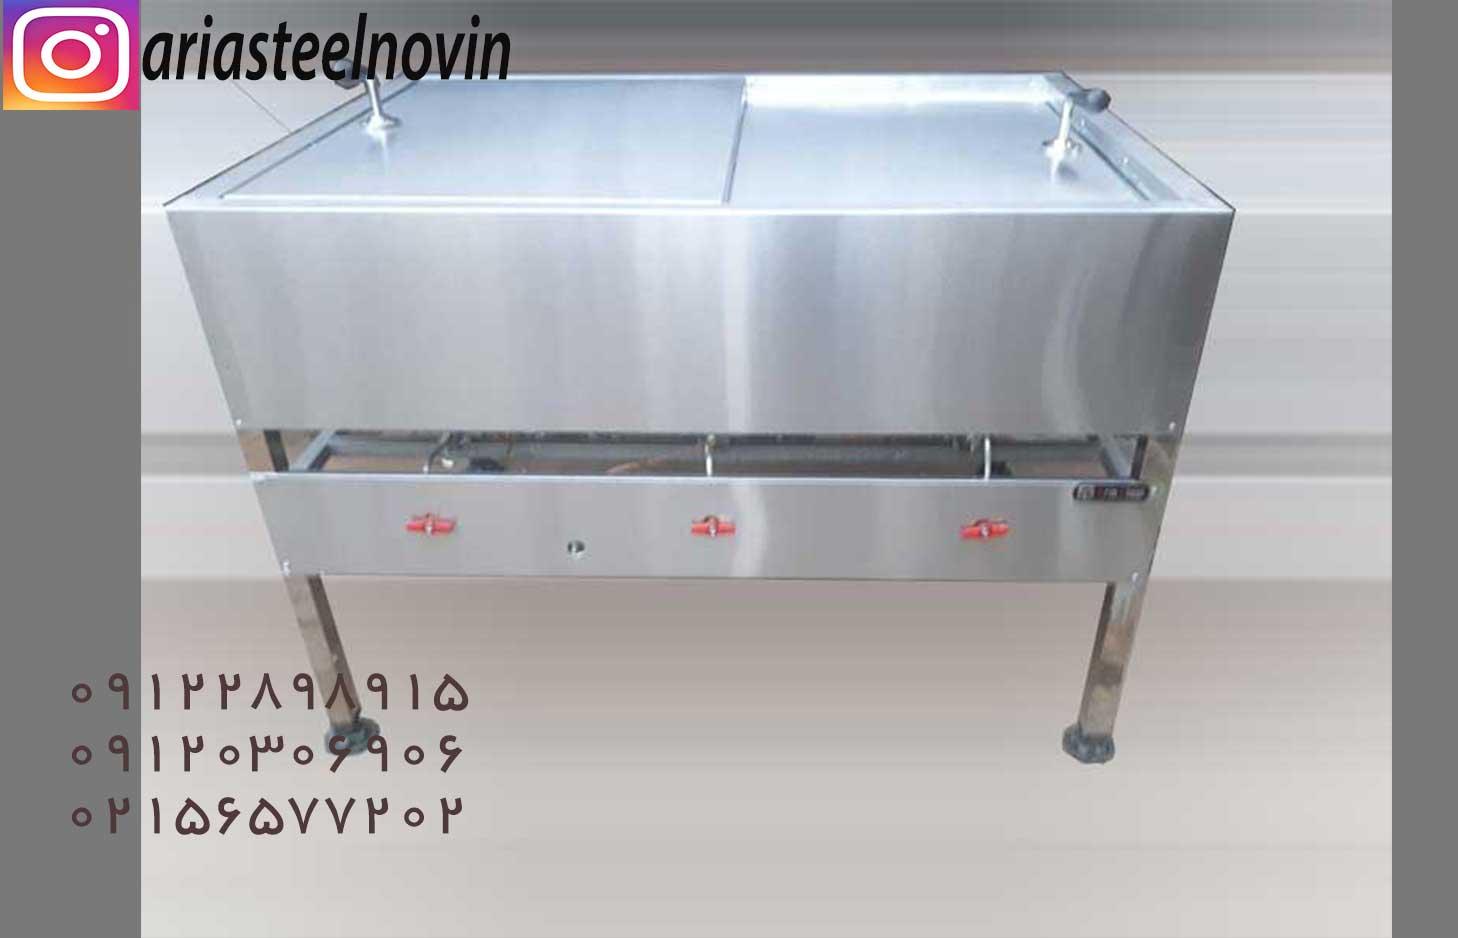 فر دیزی پز | تجهیزات آشپزخانه صنعتی | تجهیزات فست فود